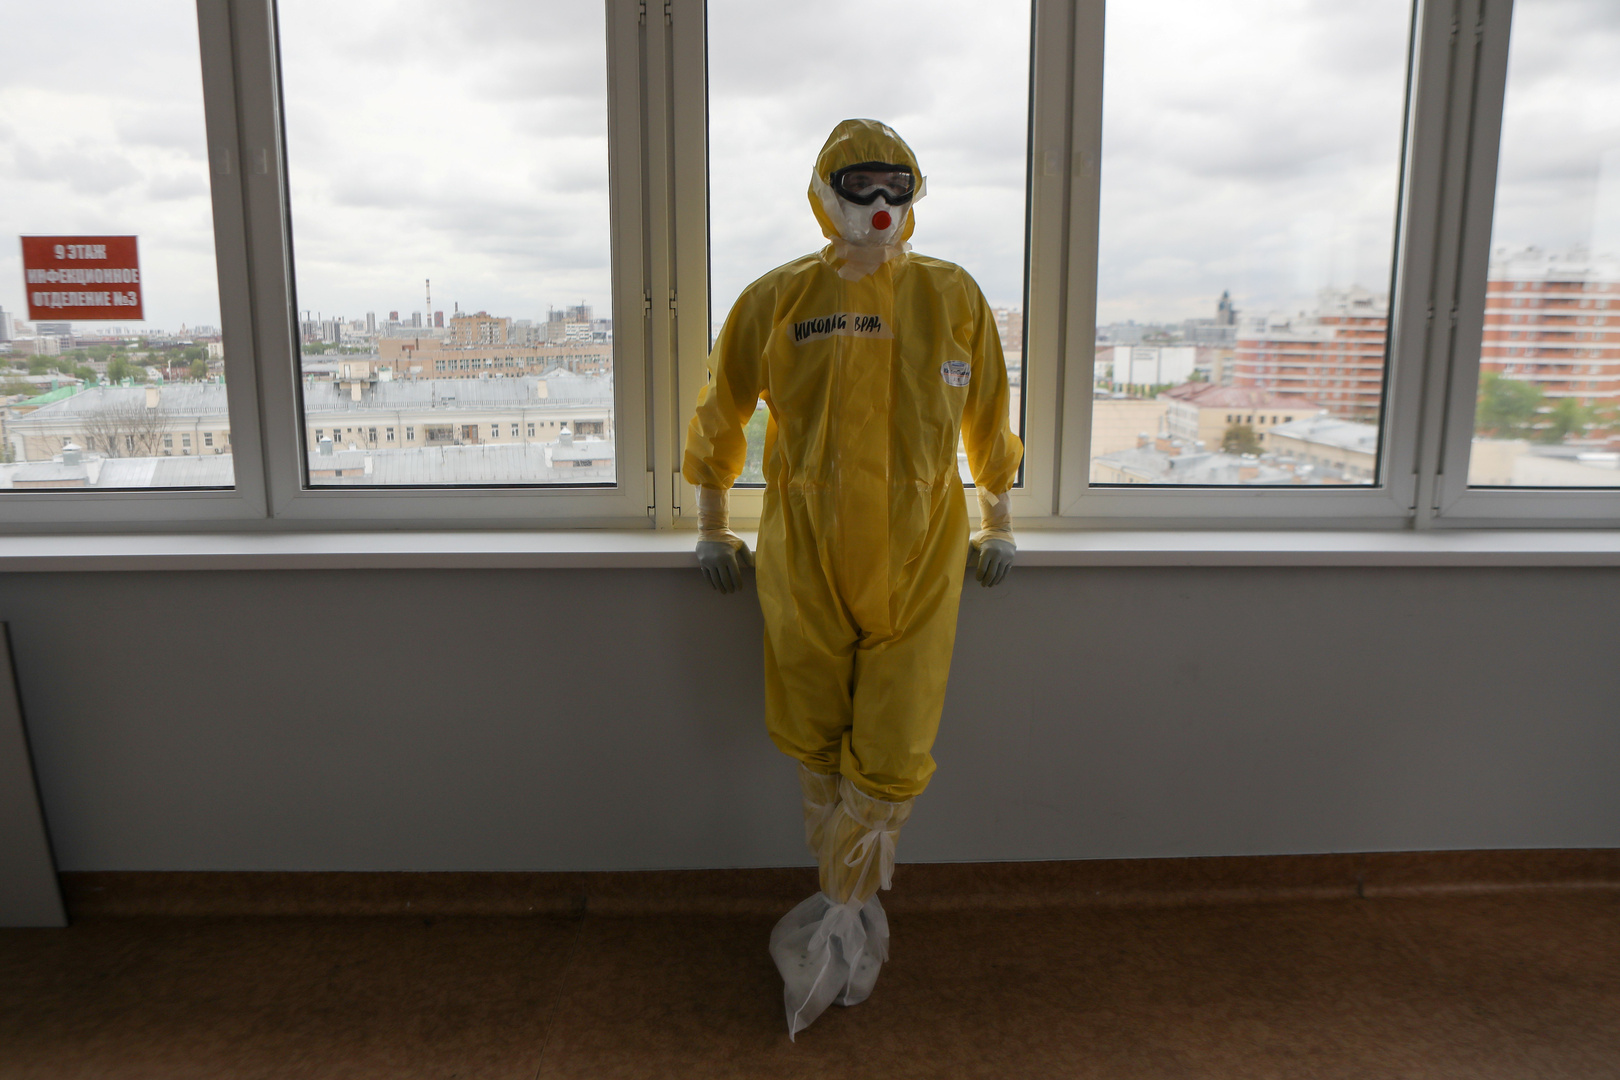 لأول مرة منذ أبريل.. أقل من ألفي إصابة بكورونا في موسكو خلال 24 ساعة